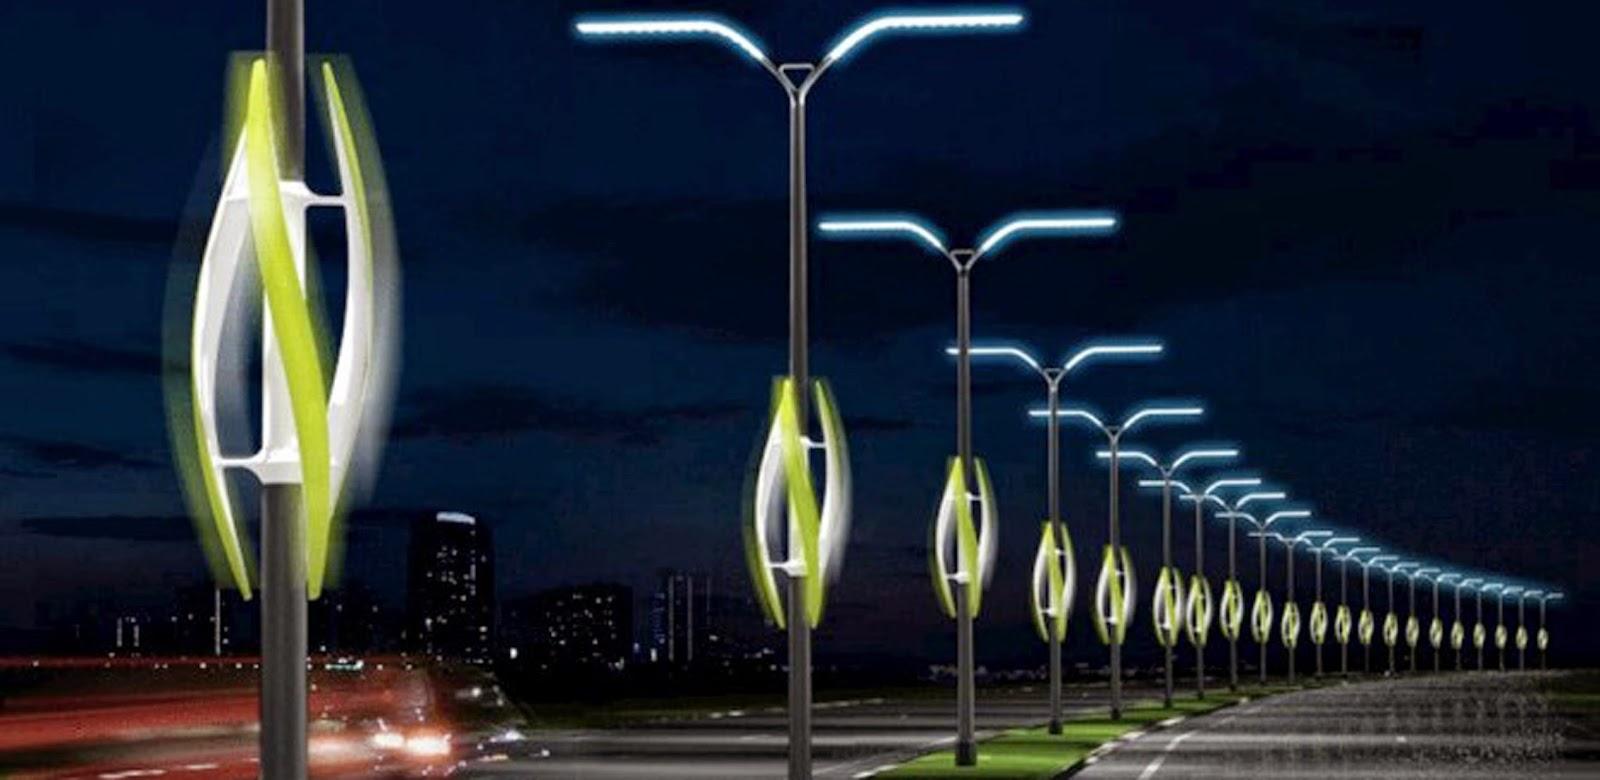 Умное освещение в Туле сэкономит до 50% электроэнергии